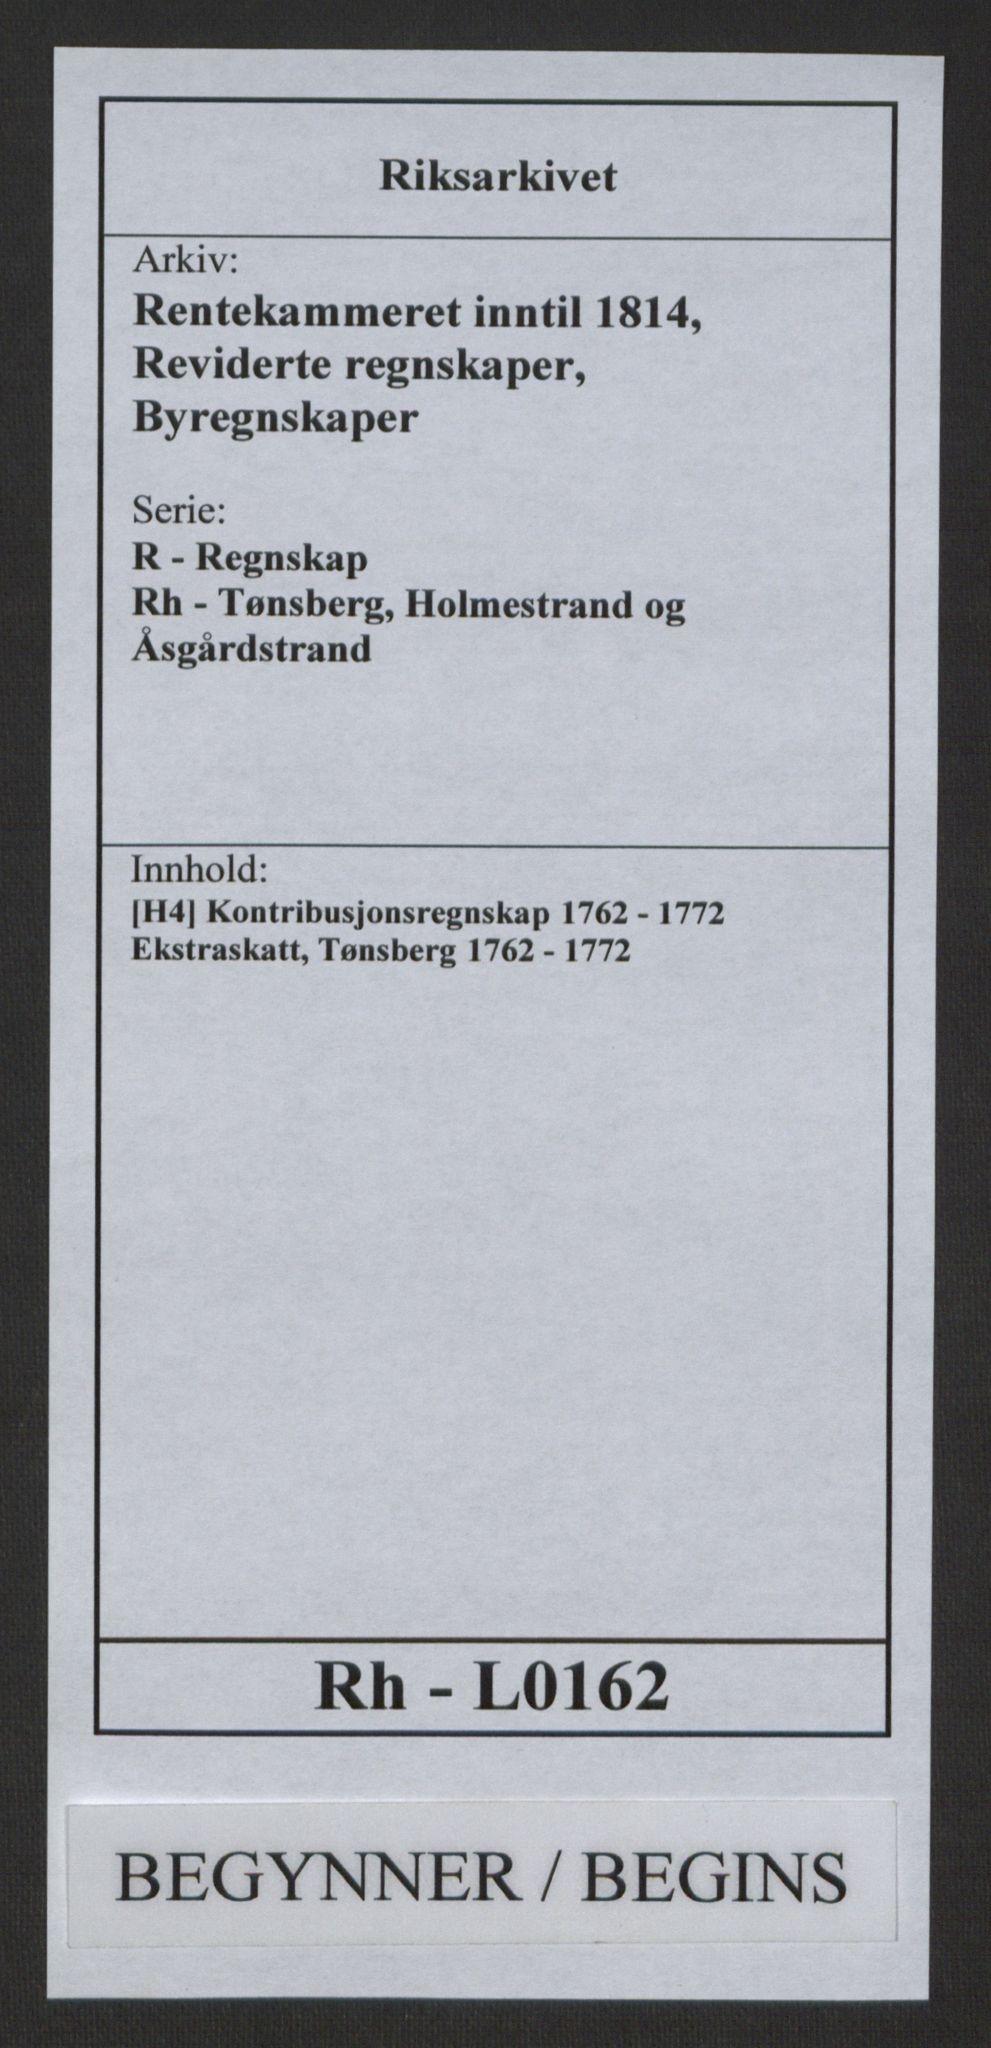 RA, Rentekammeret inntil 1814, Reviderte regnskaper, Byregnskaper, R/Rh/L0162: [H4] Kontribusjonsregnskap, 1762-1772, s. 1